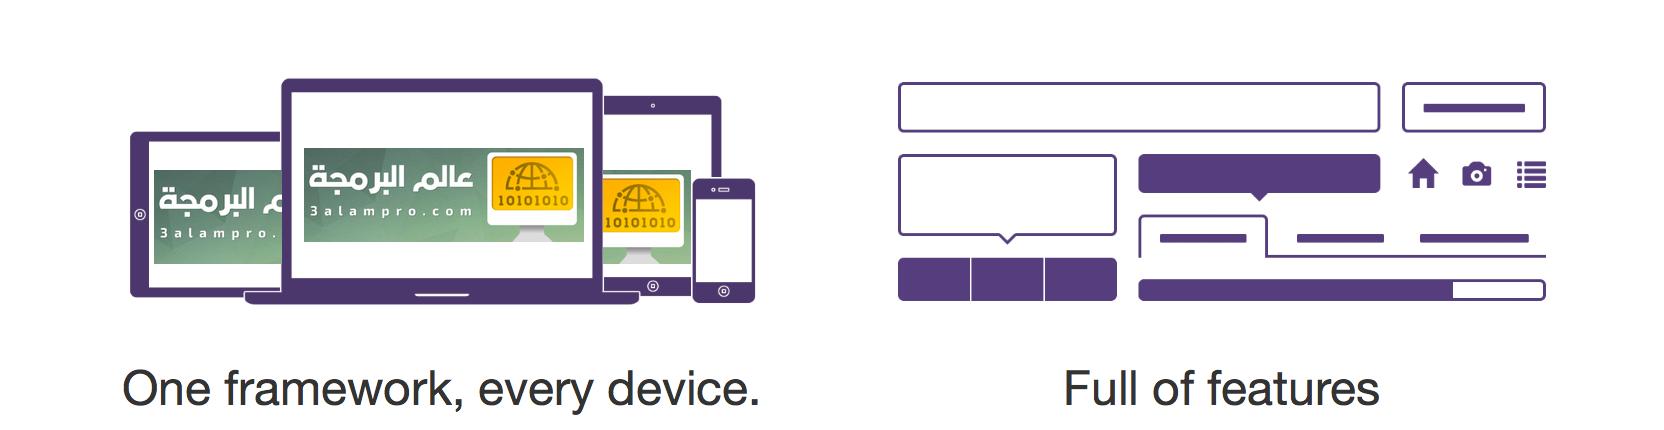 أفضل أطر تصميم المواقع Frontend Frameworks